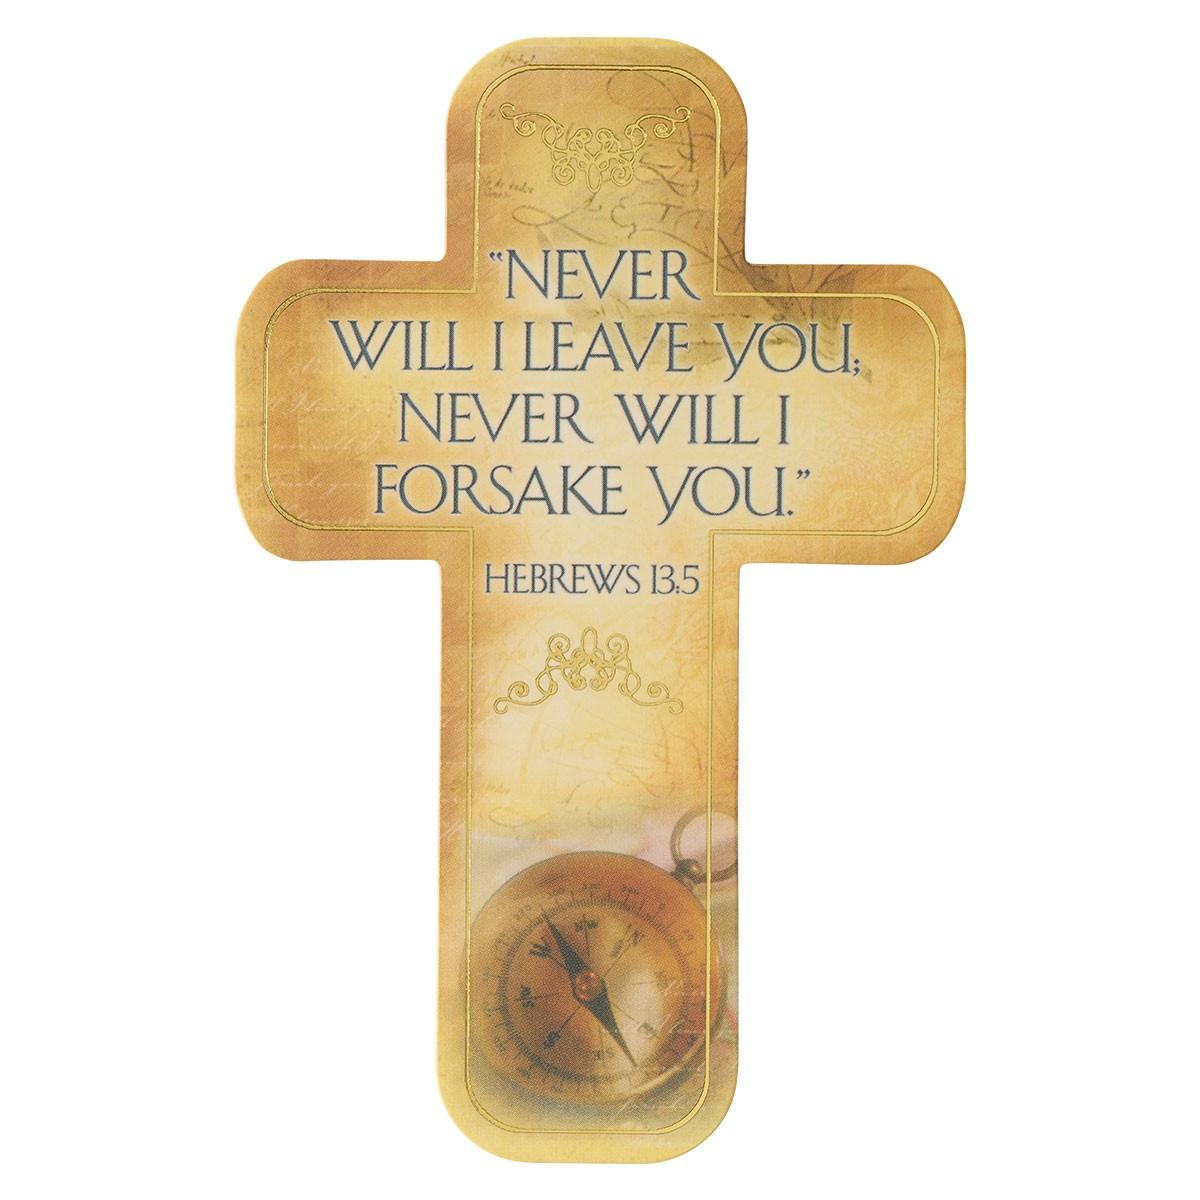 Hebrews 13:5 Paper Cross Bookmark